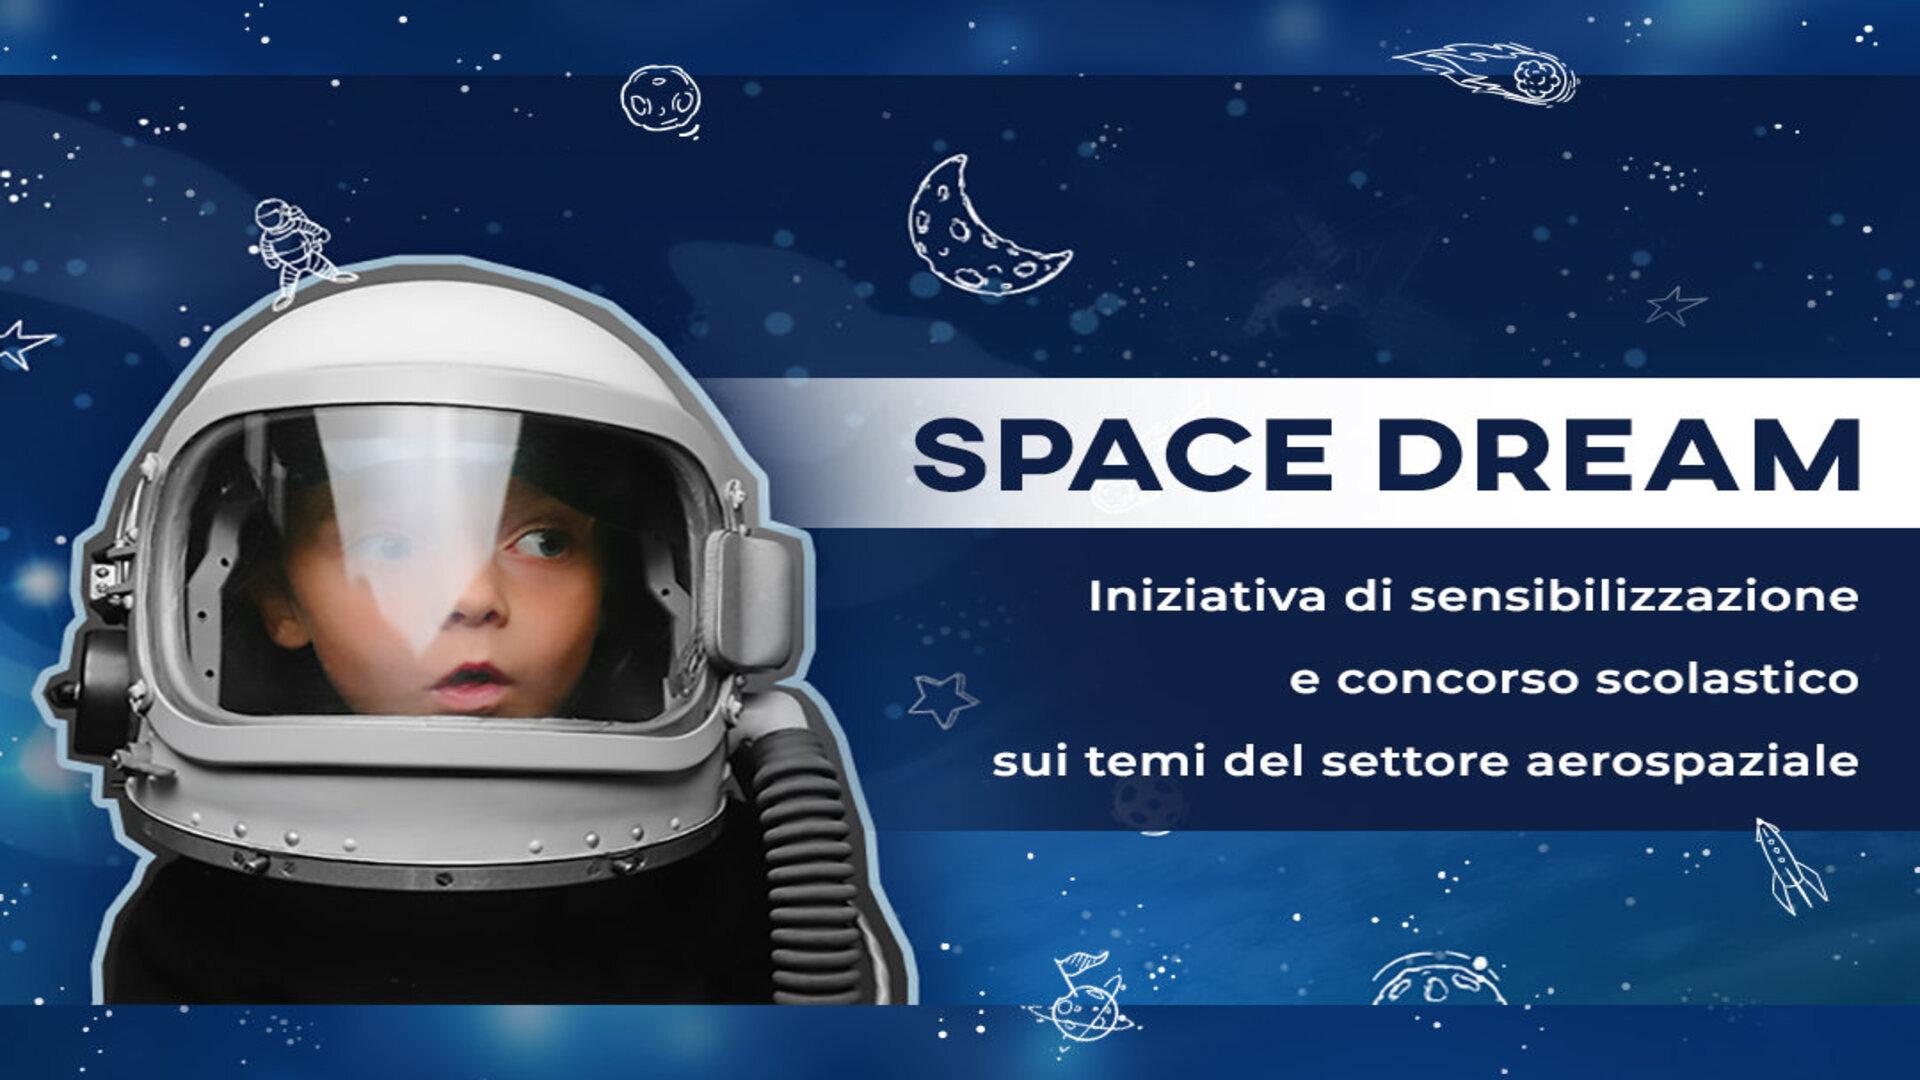 ASI - Space Dream, al via il concorso dedicato alla missione Artemis